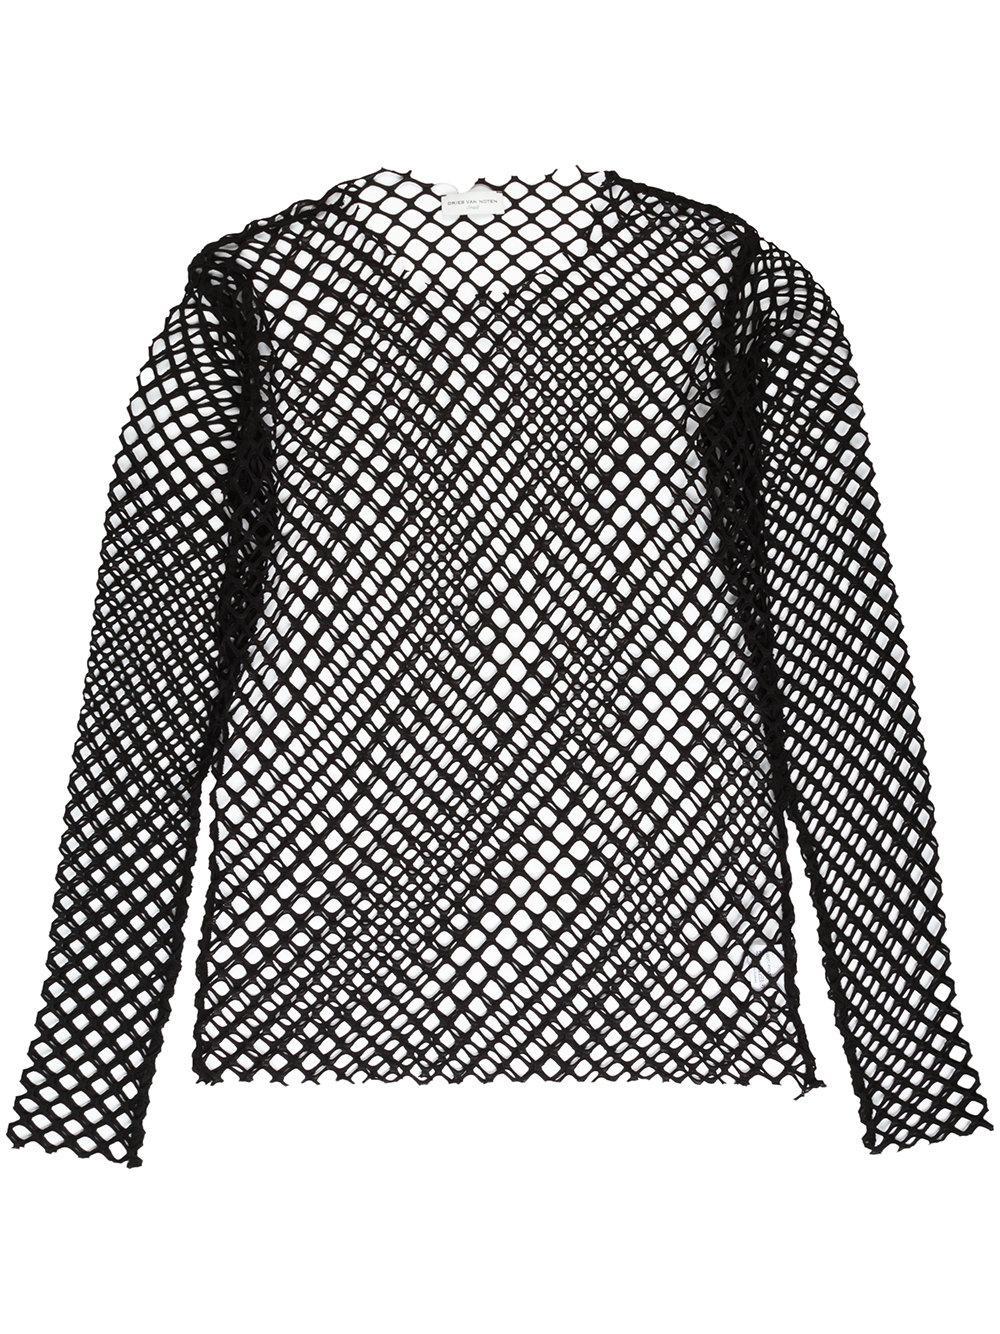 Lyst dries van noten mesh long sleeved t shirt in black for Mesh long sleeve t shirt